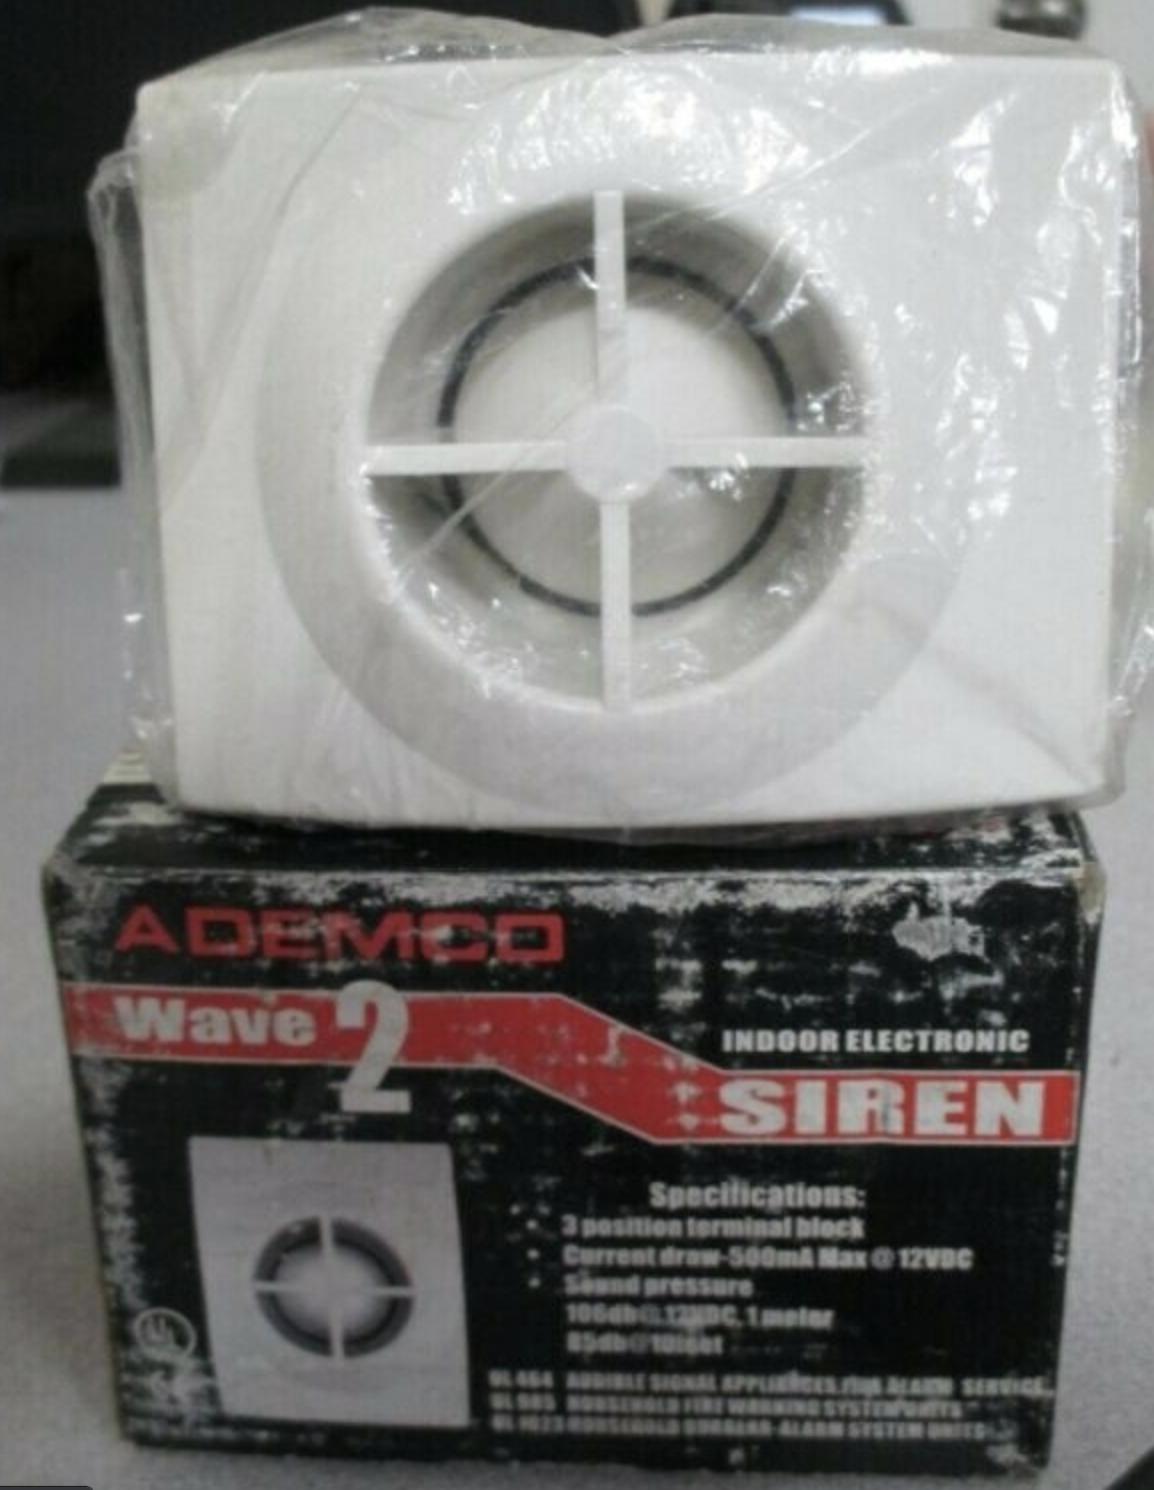 ADEMCO WAVE 2 INDOOR ELECTRONIC SIREN NEW